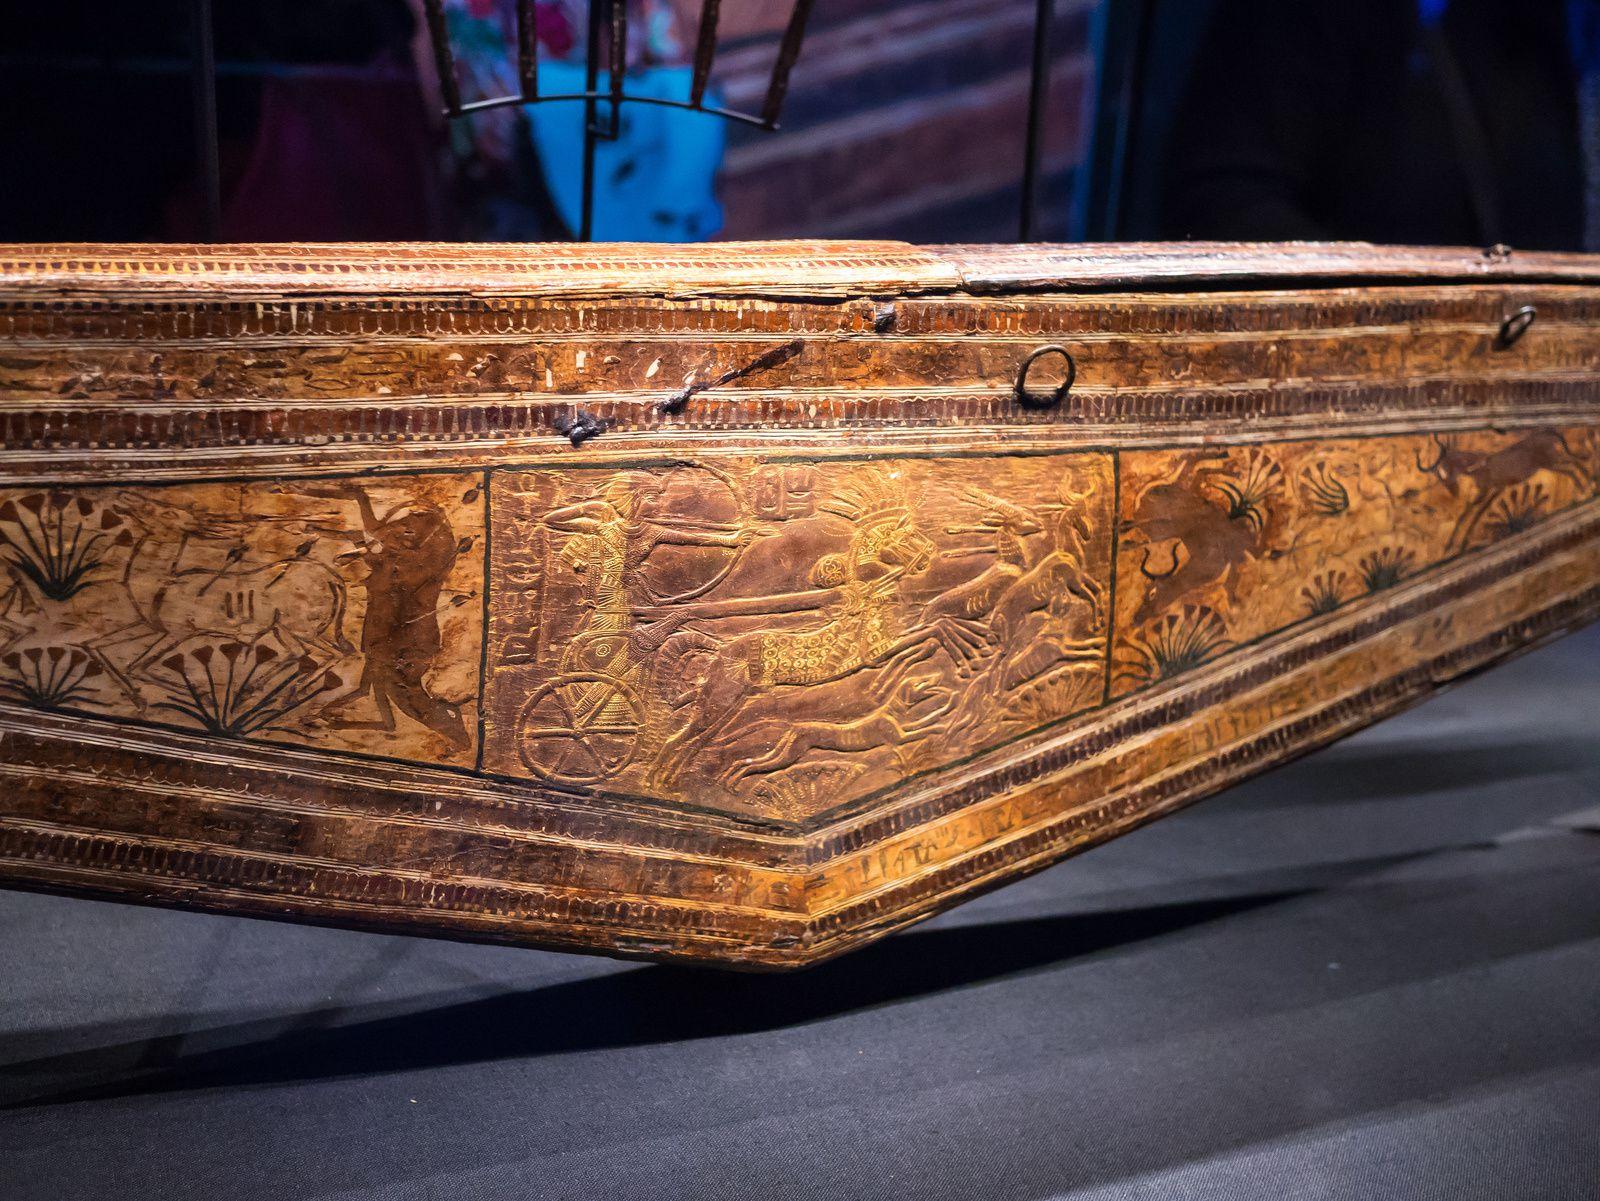 Toutankhamon : splendeurs pharaoniques à découvrir à la Grande Halle de La Villette Jusqu'au 15 septembre 2019